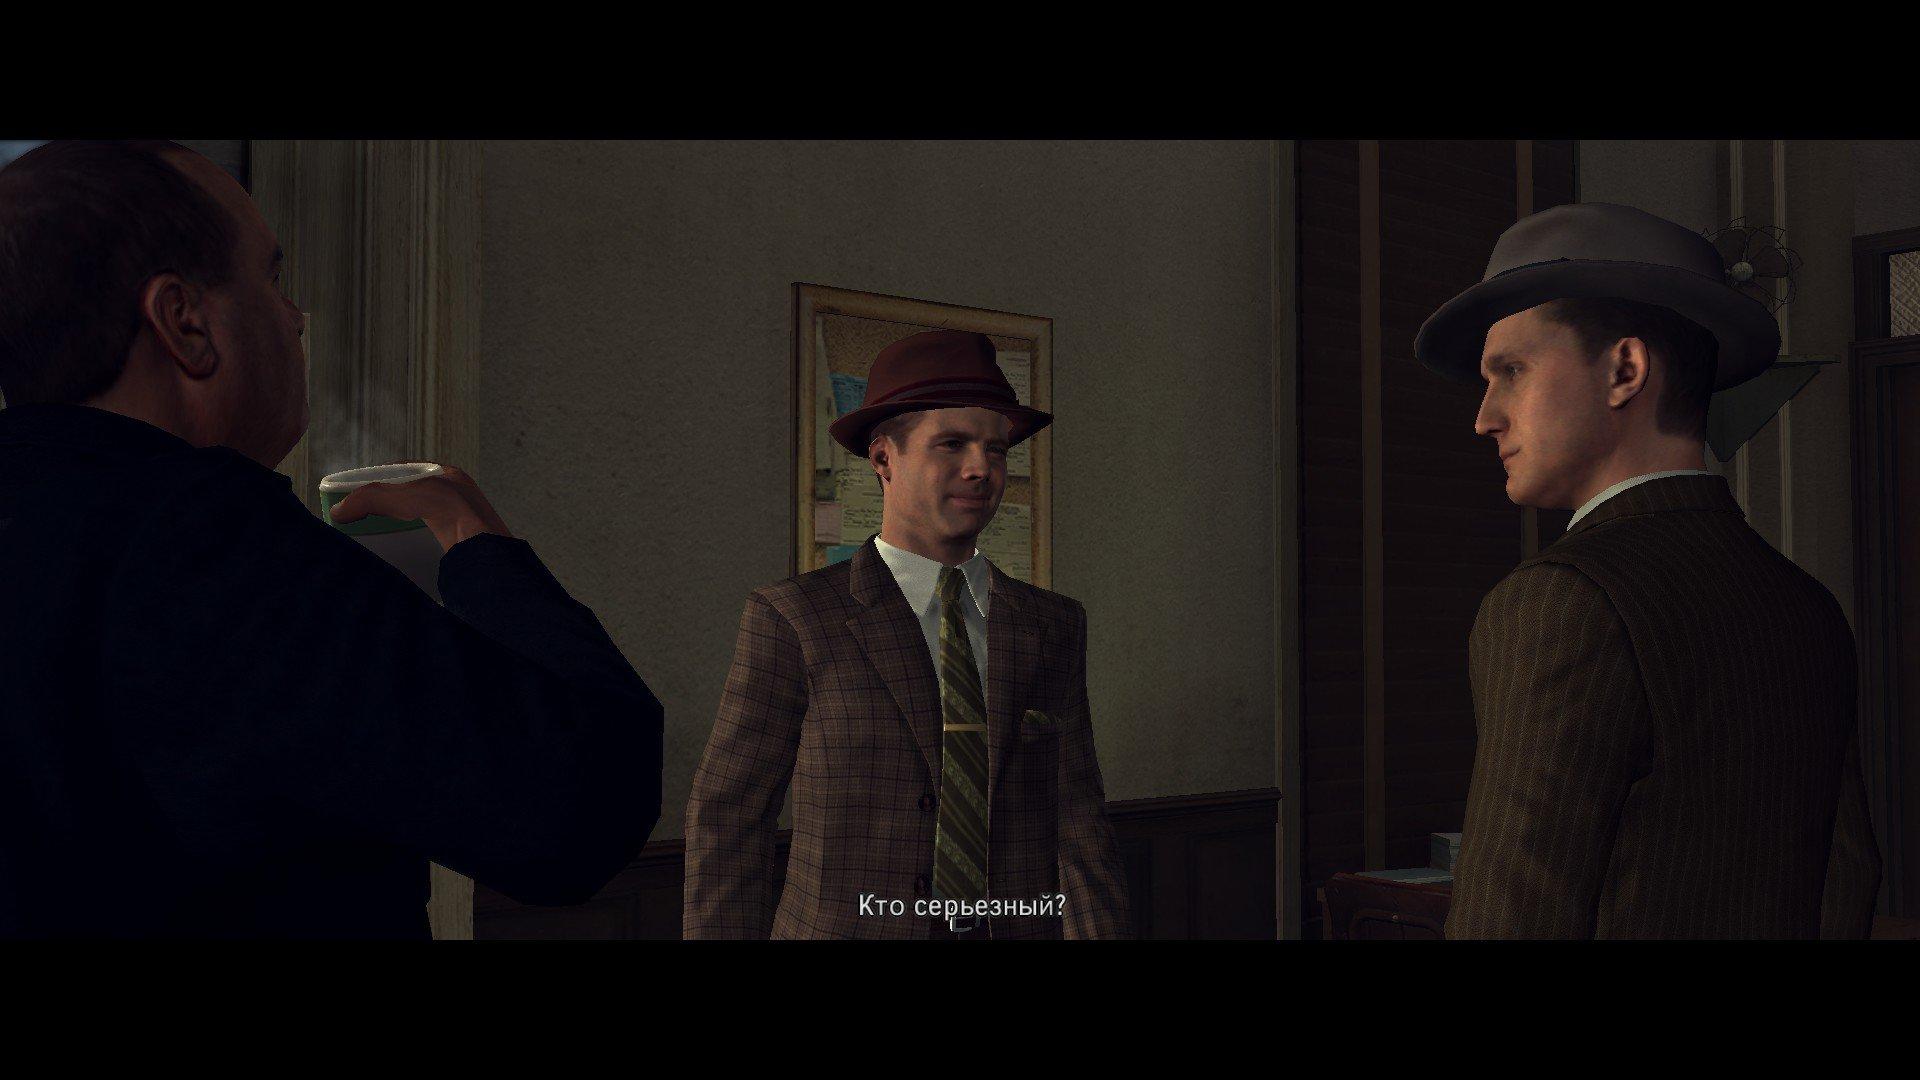 Пост-прохождение L.A. Noire Часть 3 - Изображение 4